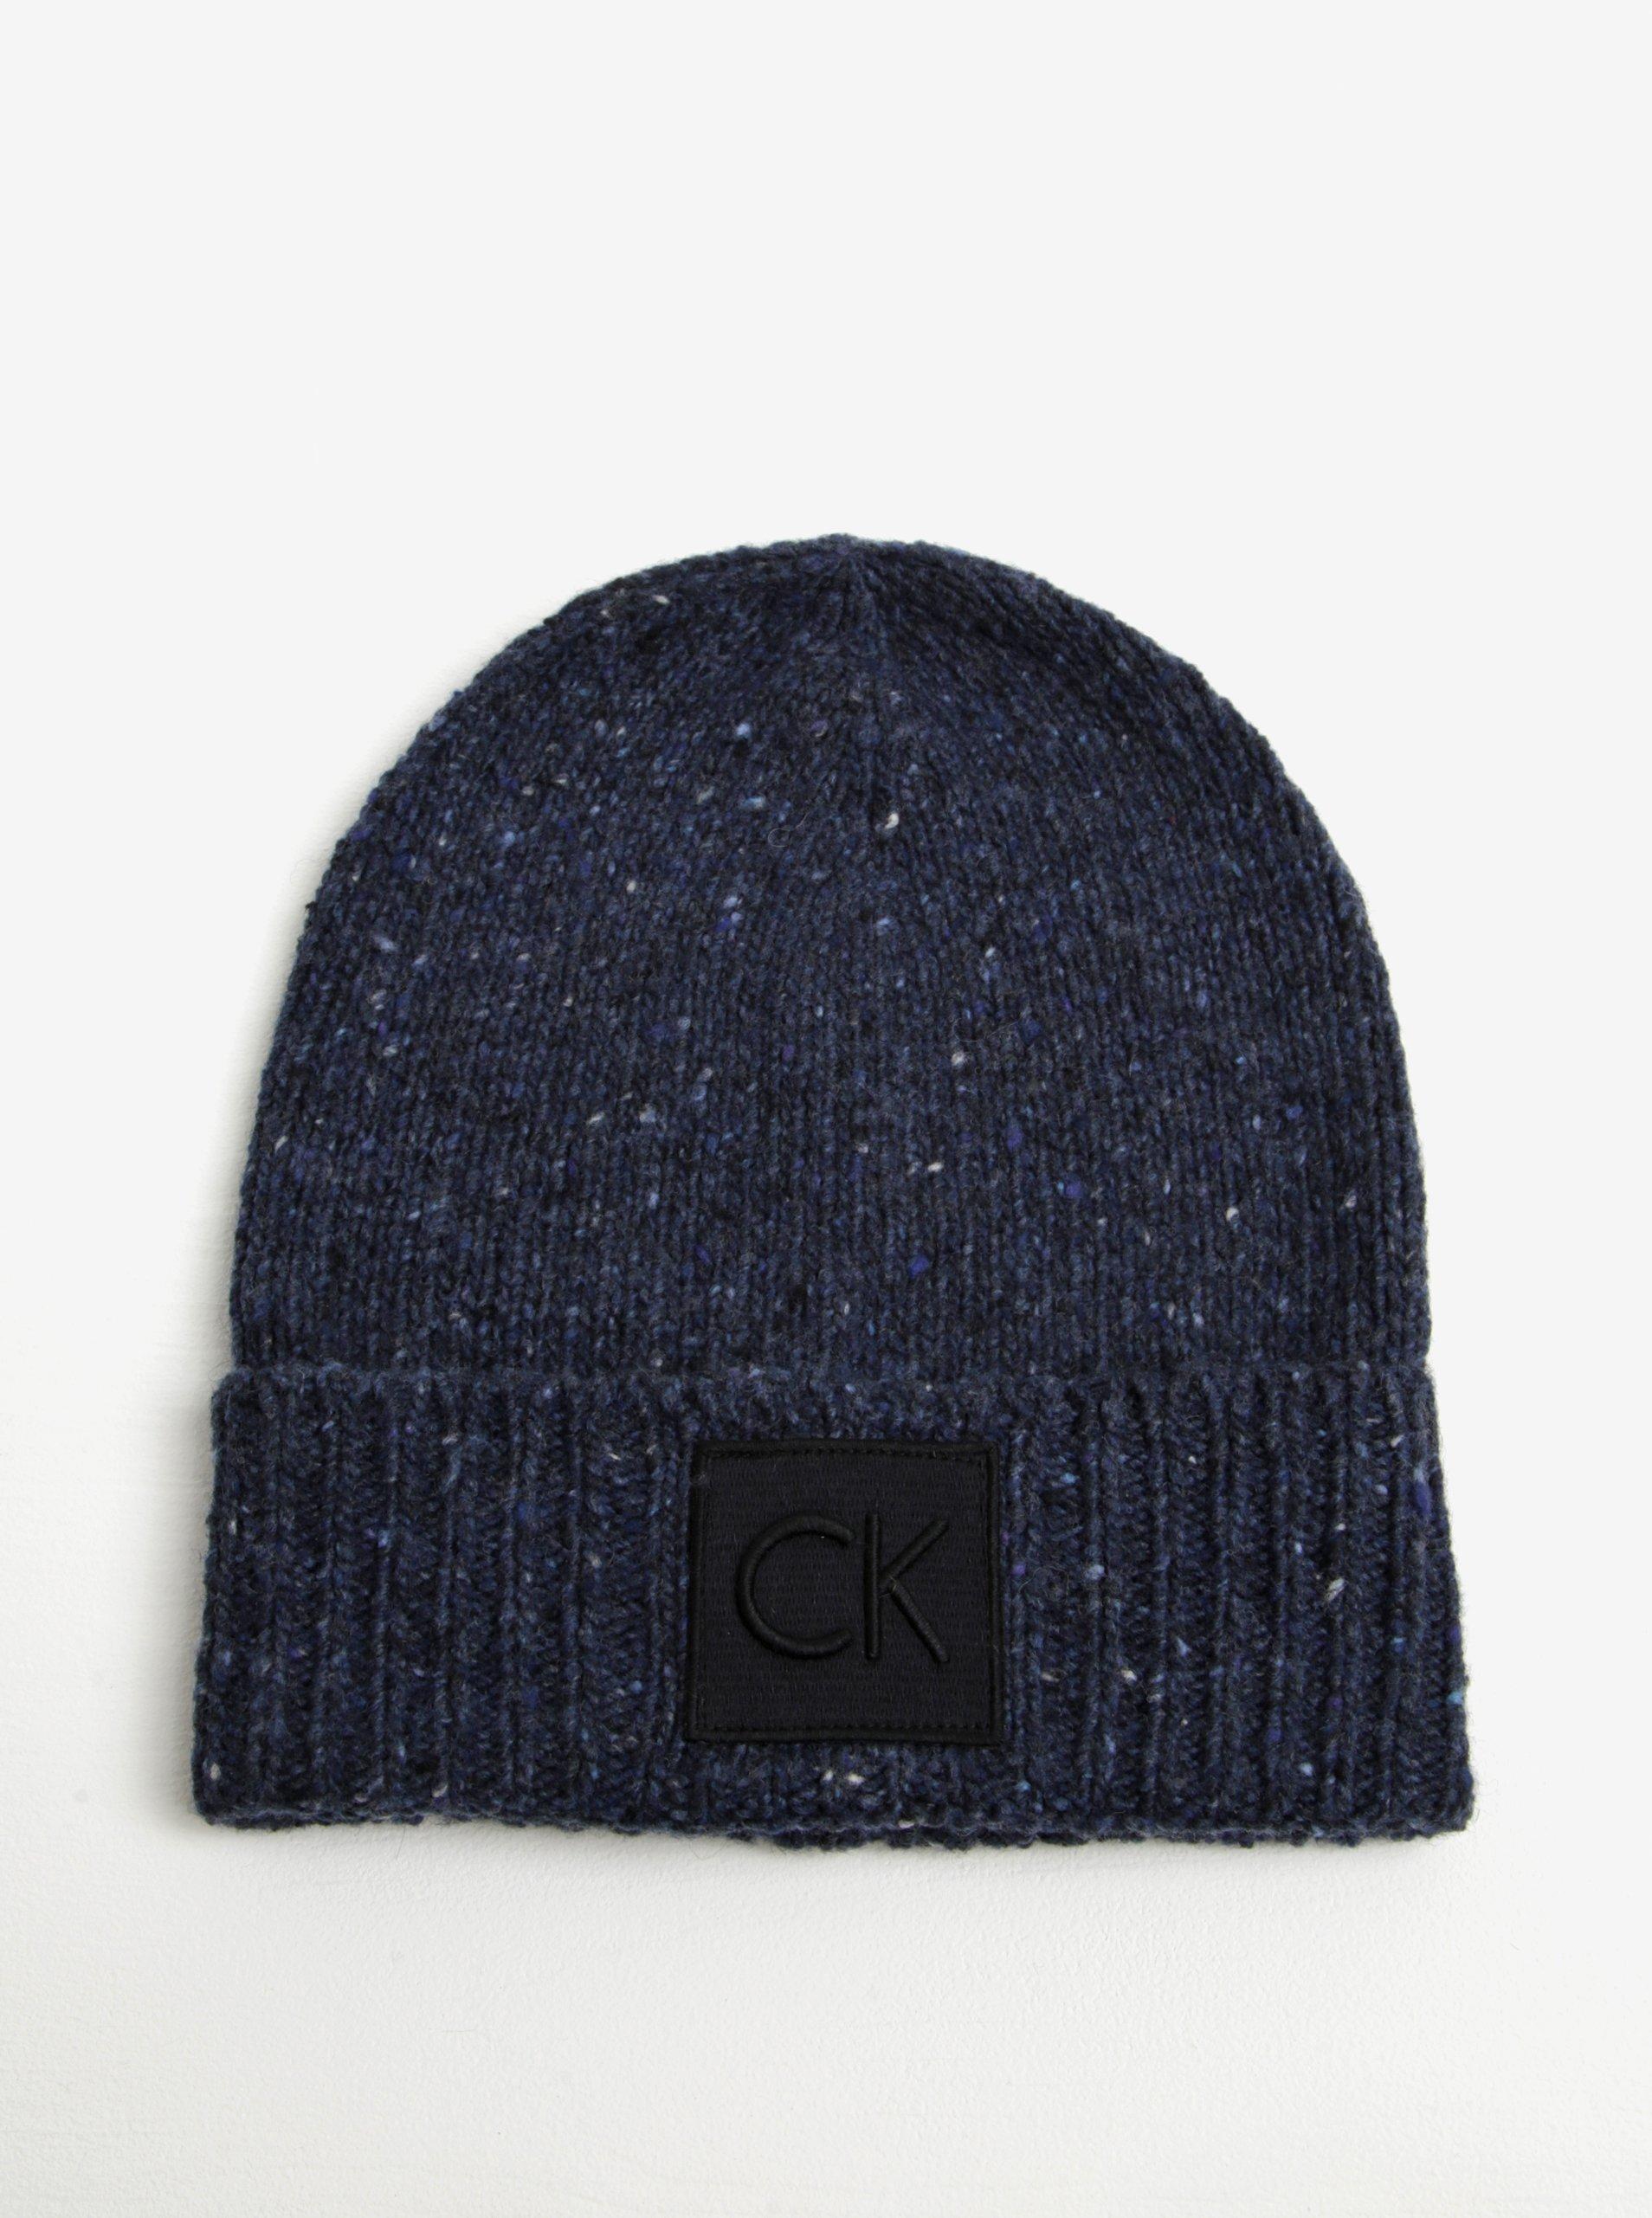 Tmavě modrá dámská žíhaná vlněná čepice Calvin Klein Eline 6ad5eb6a87